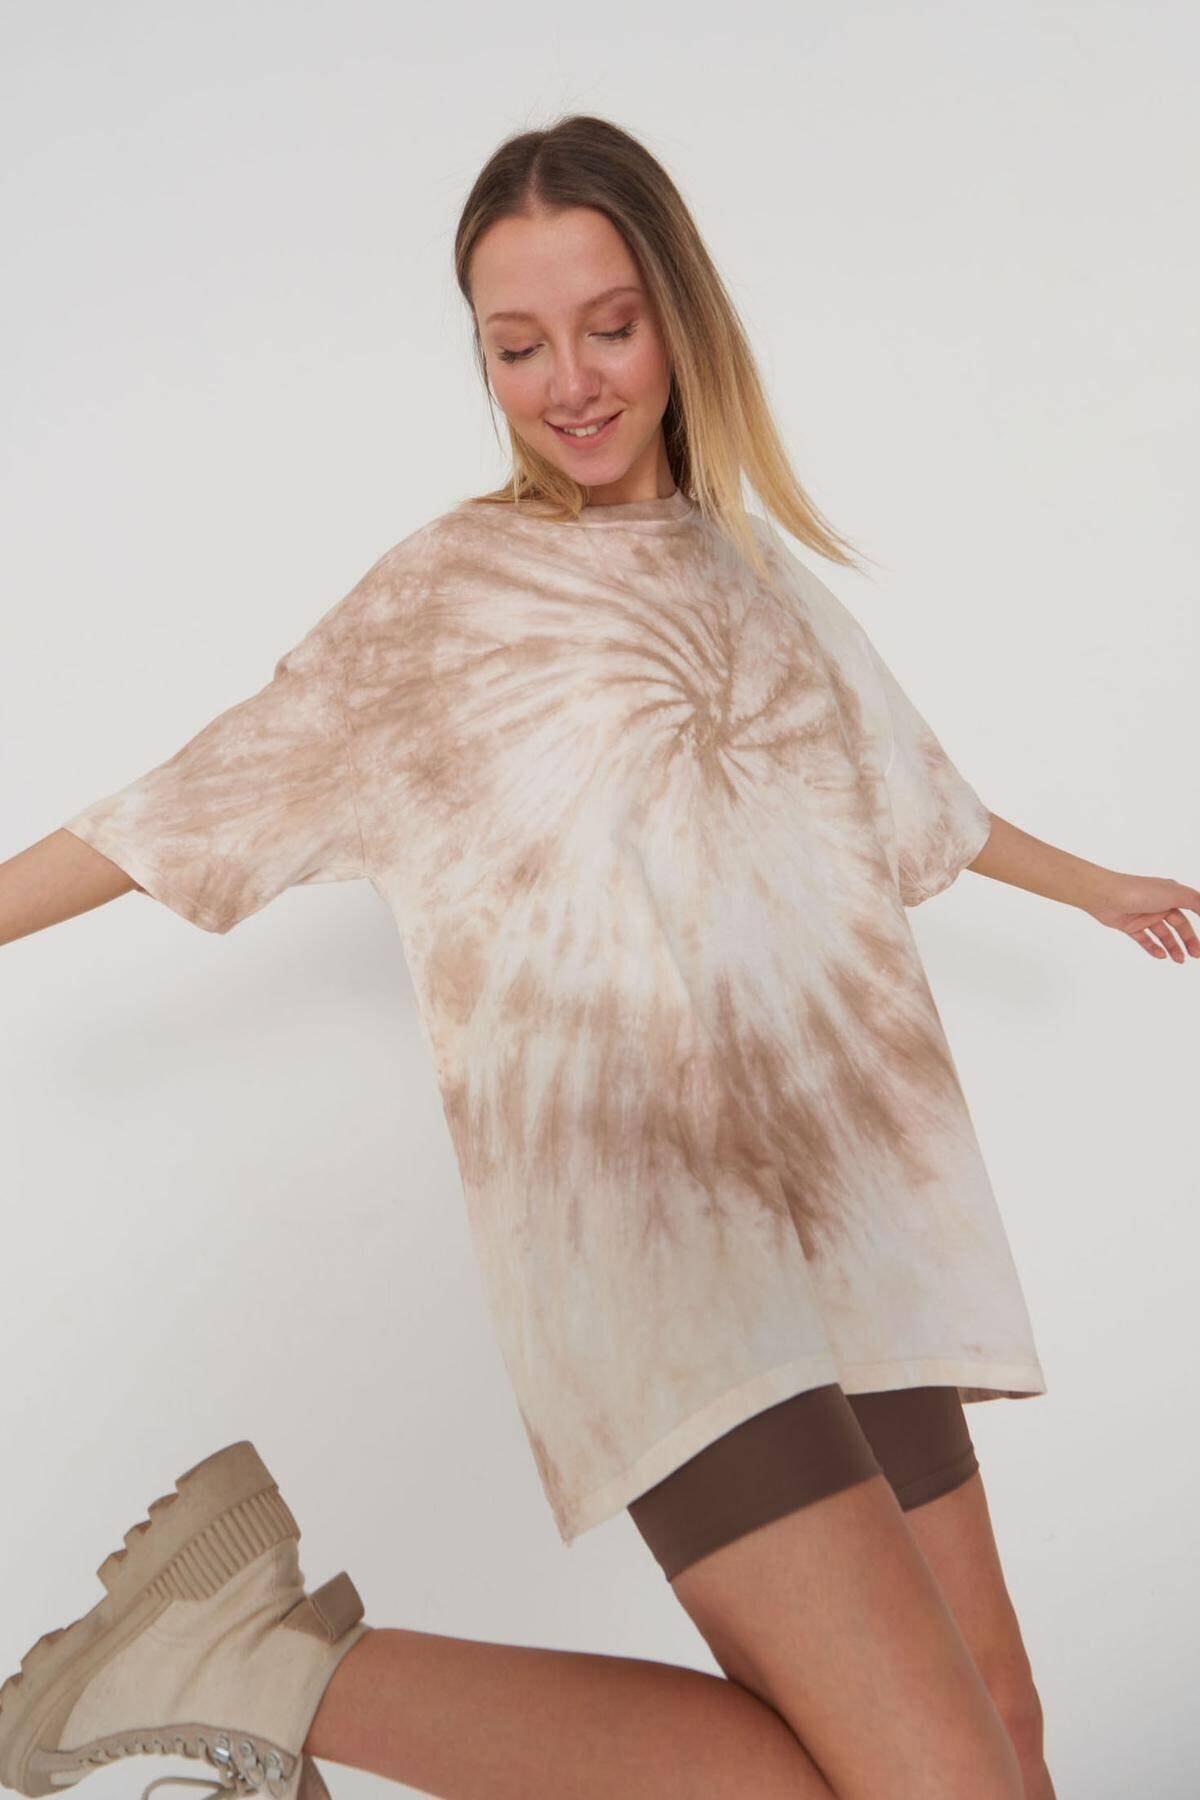 Addax Kadın Batik Kahve Oversize T-shirt P9566 - J11 ADX-0000024031